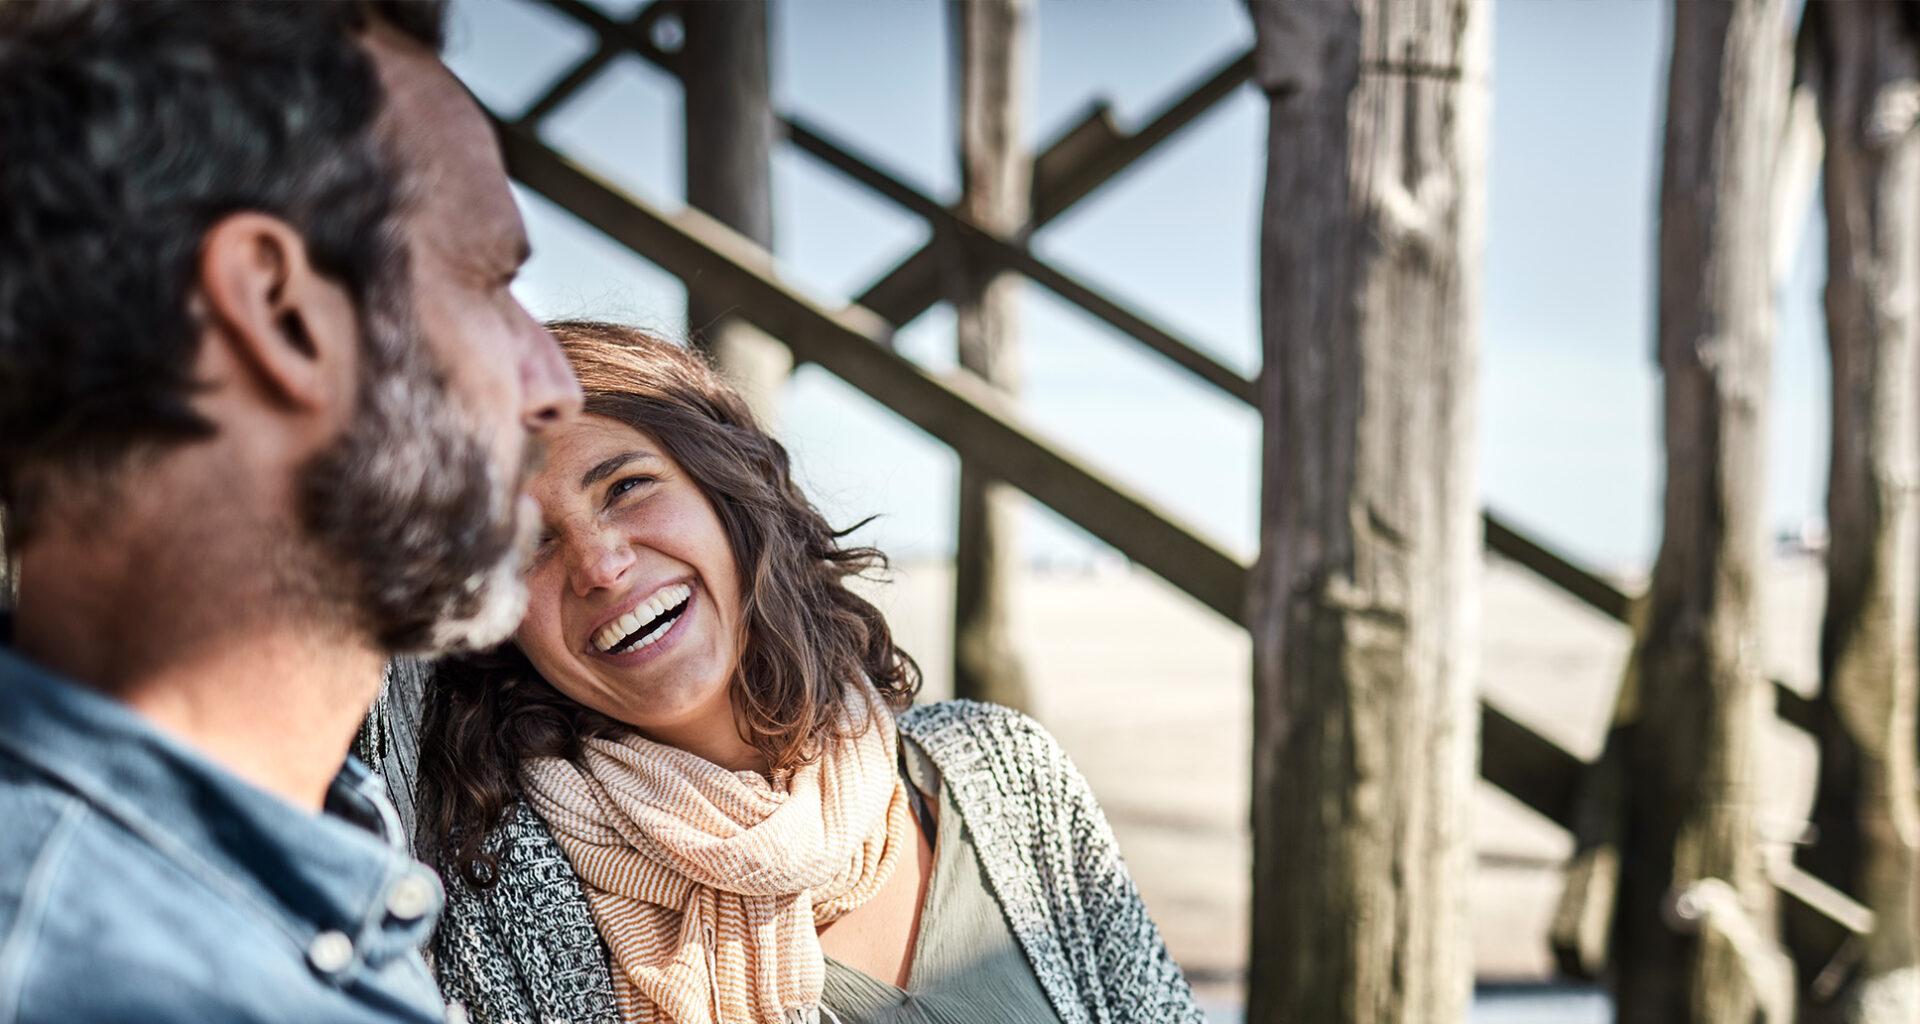 Glückliches Ehepaar lacht gemeinsam